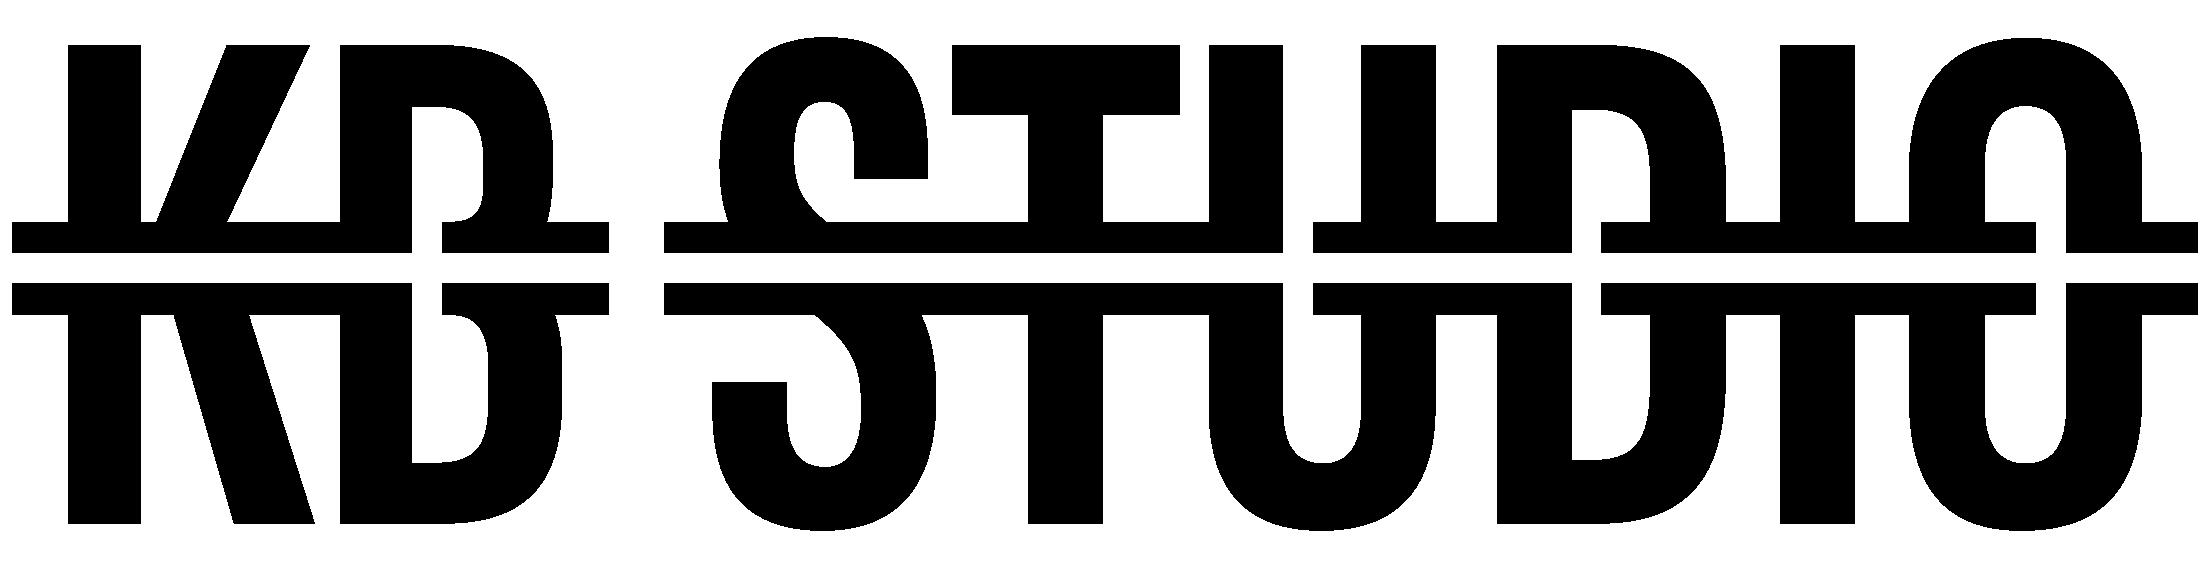 kbstudio-logo